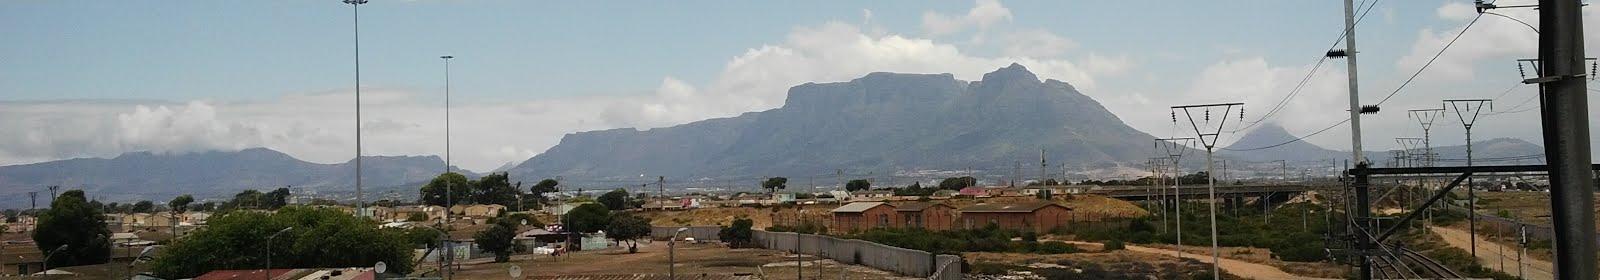 joemasepuss@capeflats.co.za